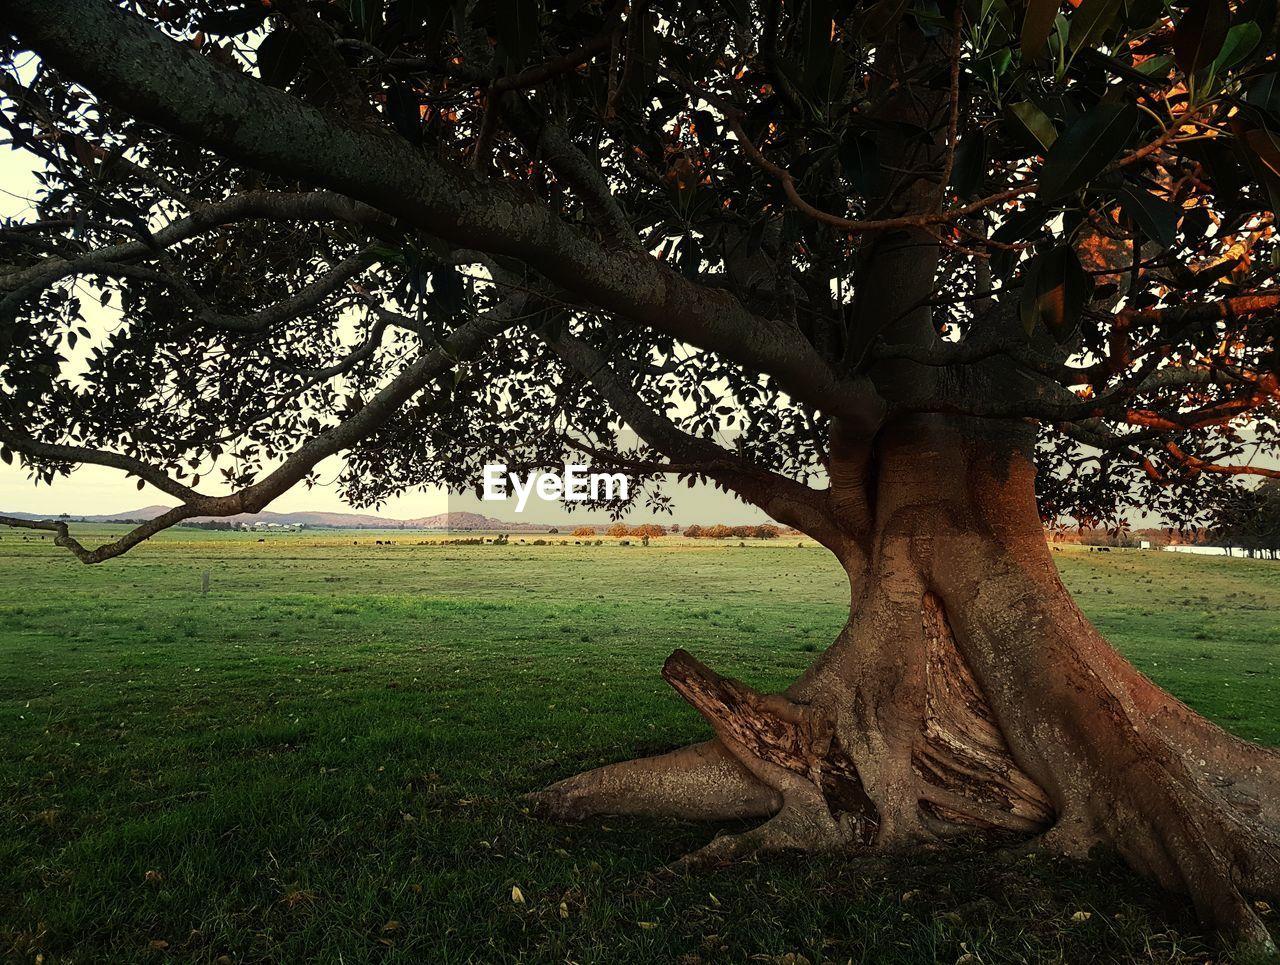 DEAD TREE ON FIELD